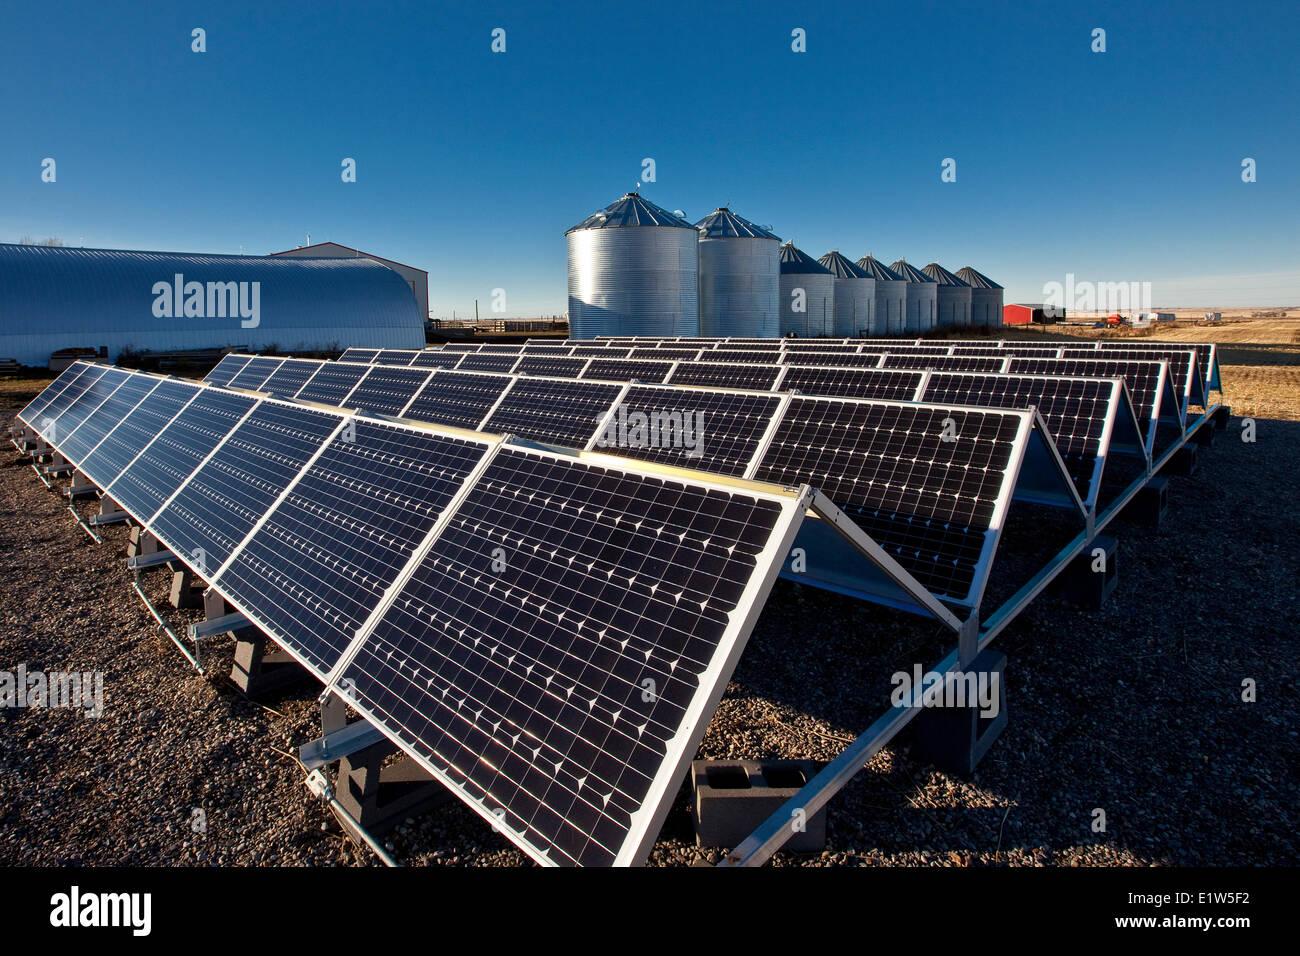 Solar panels on farm near Calgary, Alberta, Canada. - Stock Image